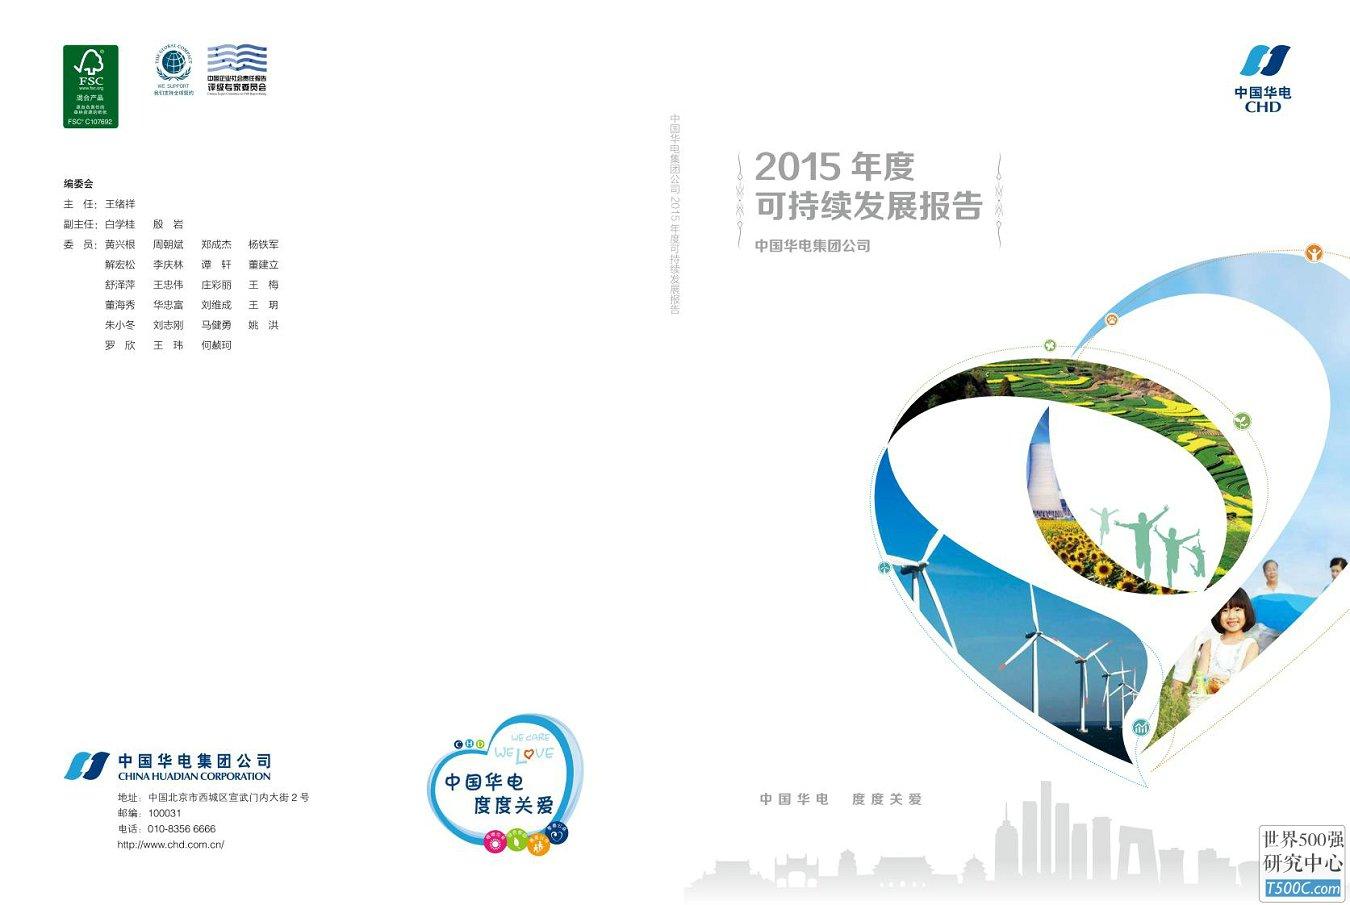 中国华电集团公司2015年社会责任报告